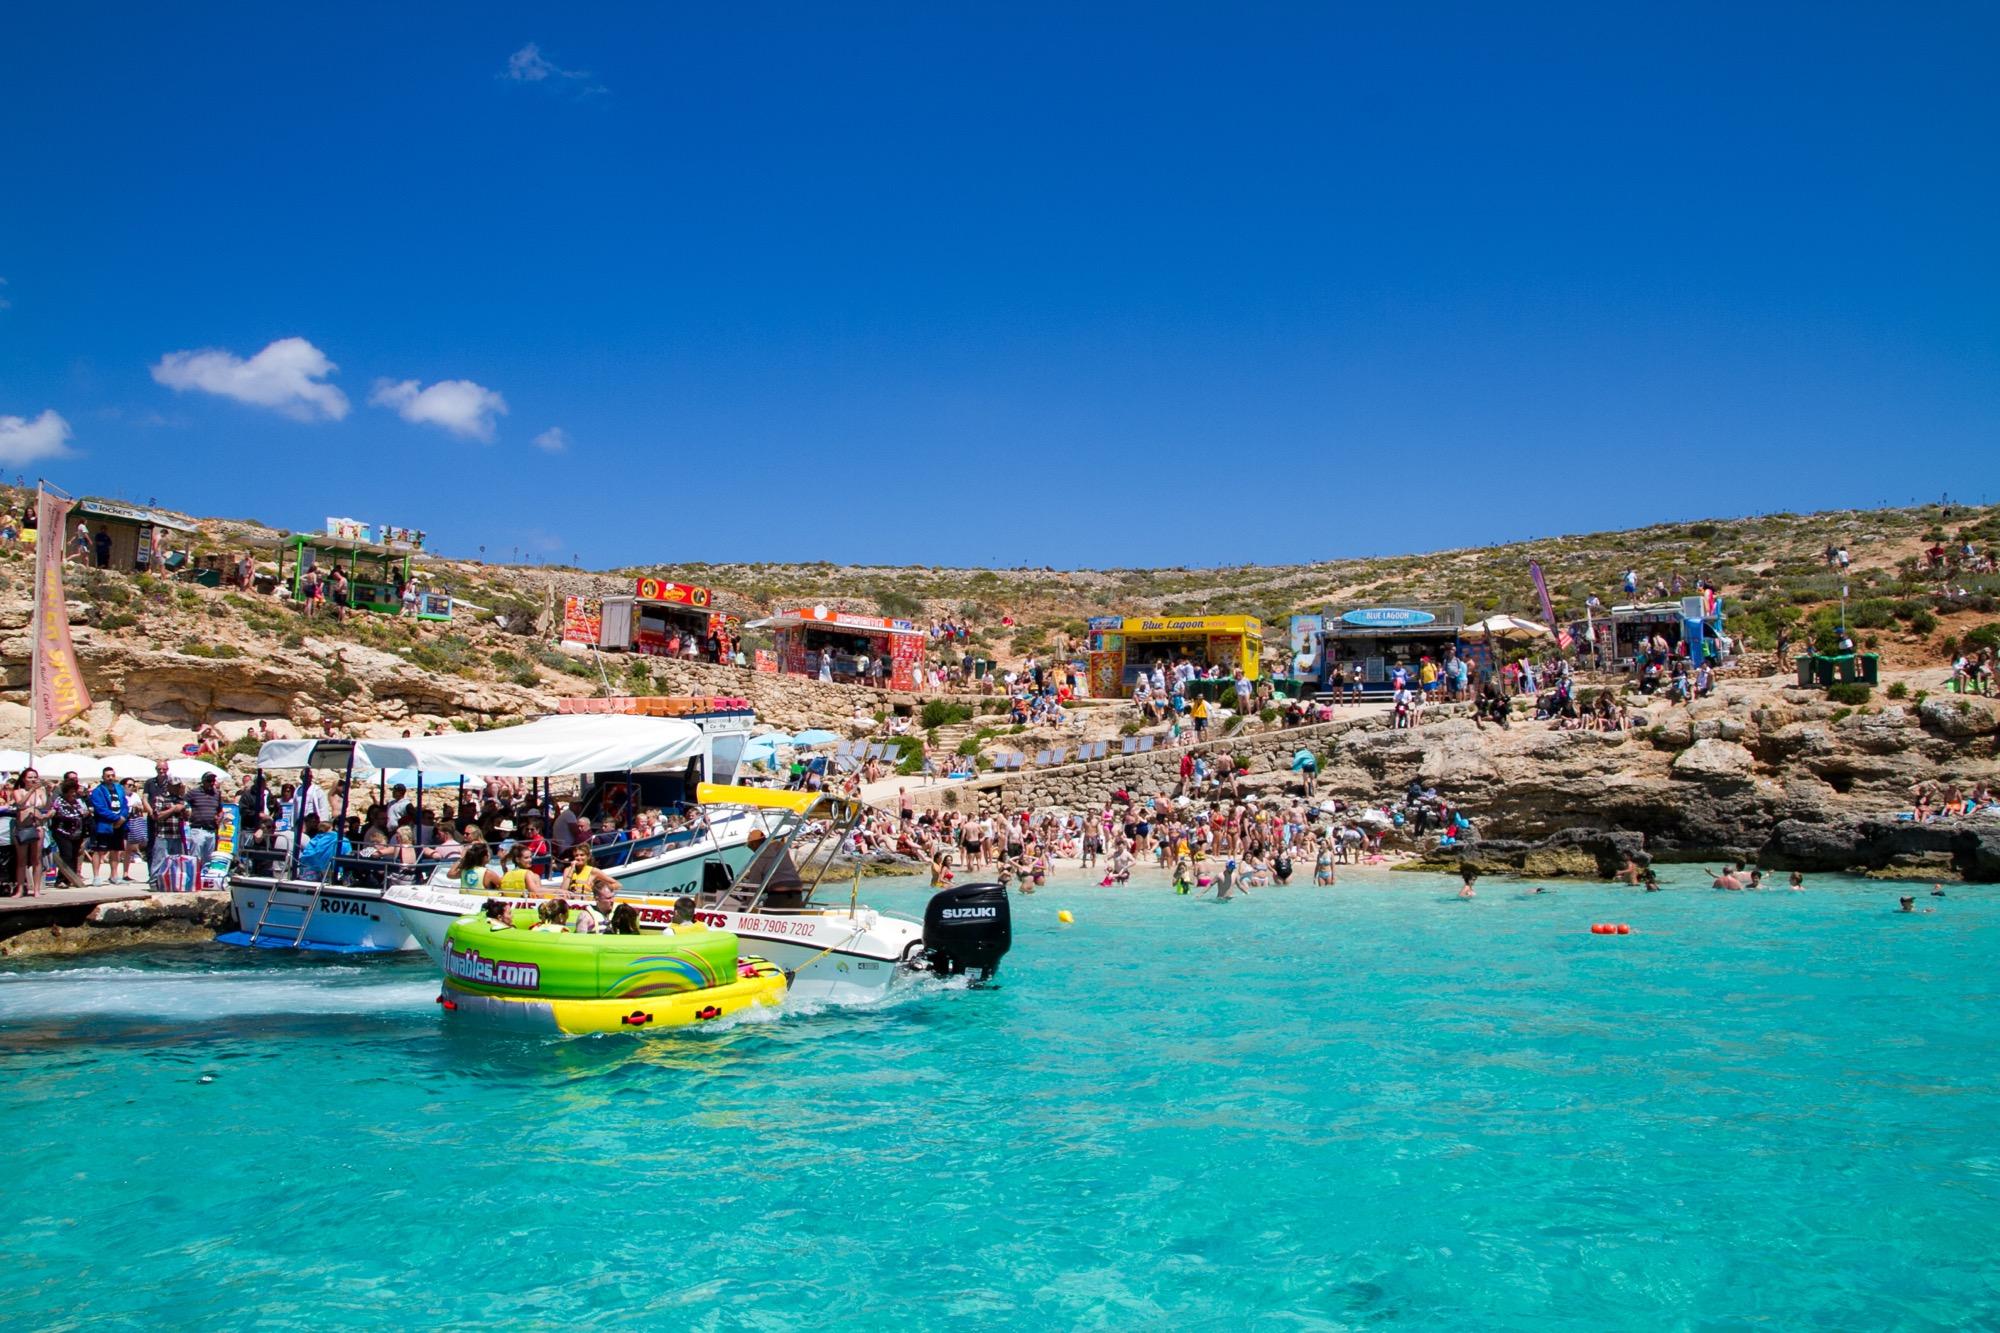 船が浮いて見える「コミノ島」の写真22枚を無料配布します【マルタ】